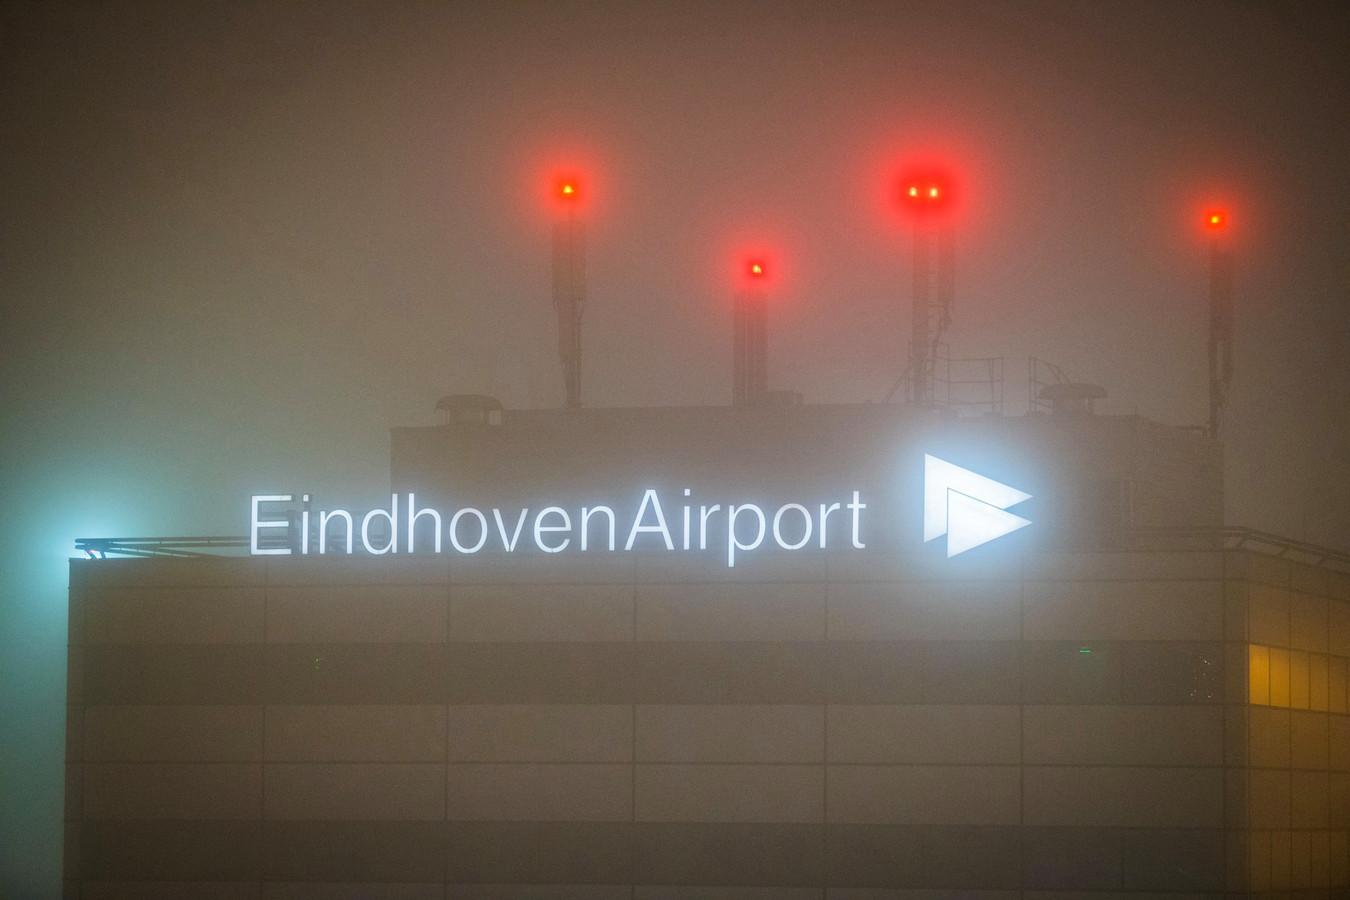 Passagiers slapen op Eindhoven Airport vanwege de mist.